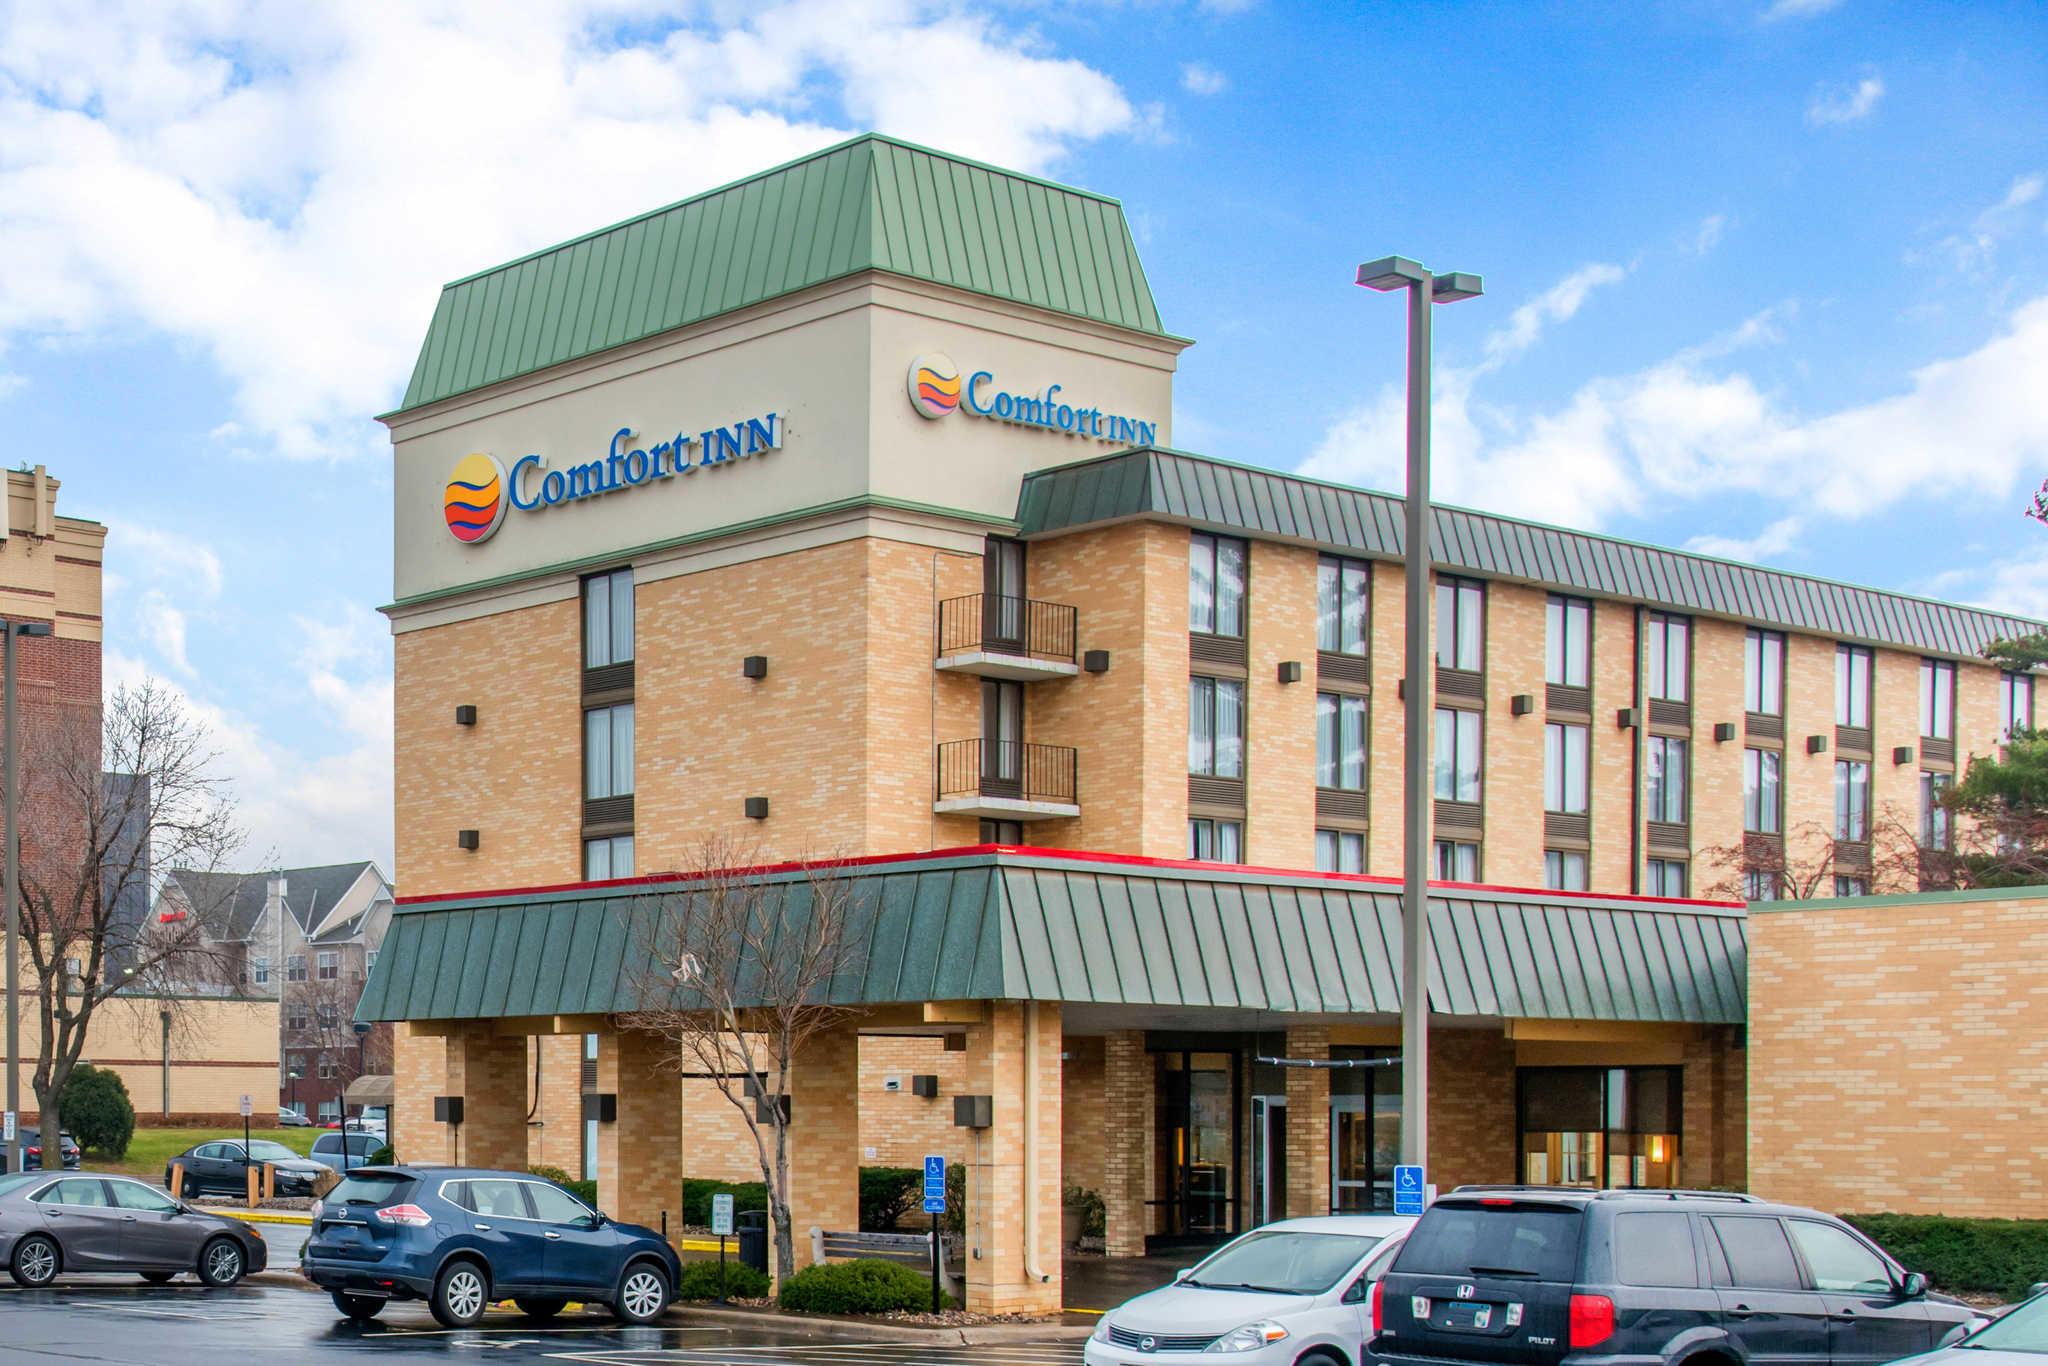 Comfort Inn Airport image 0